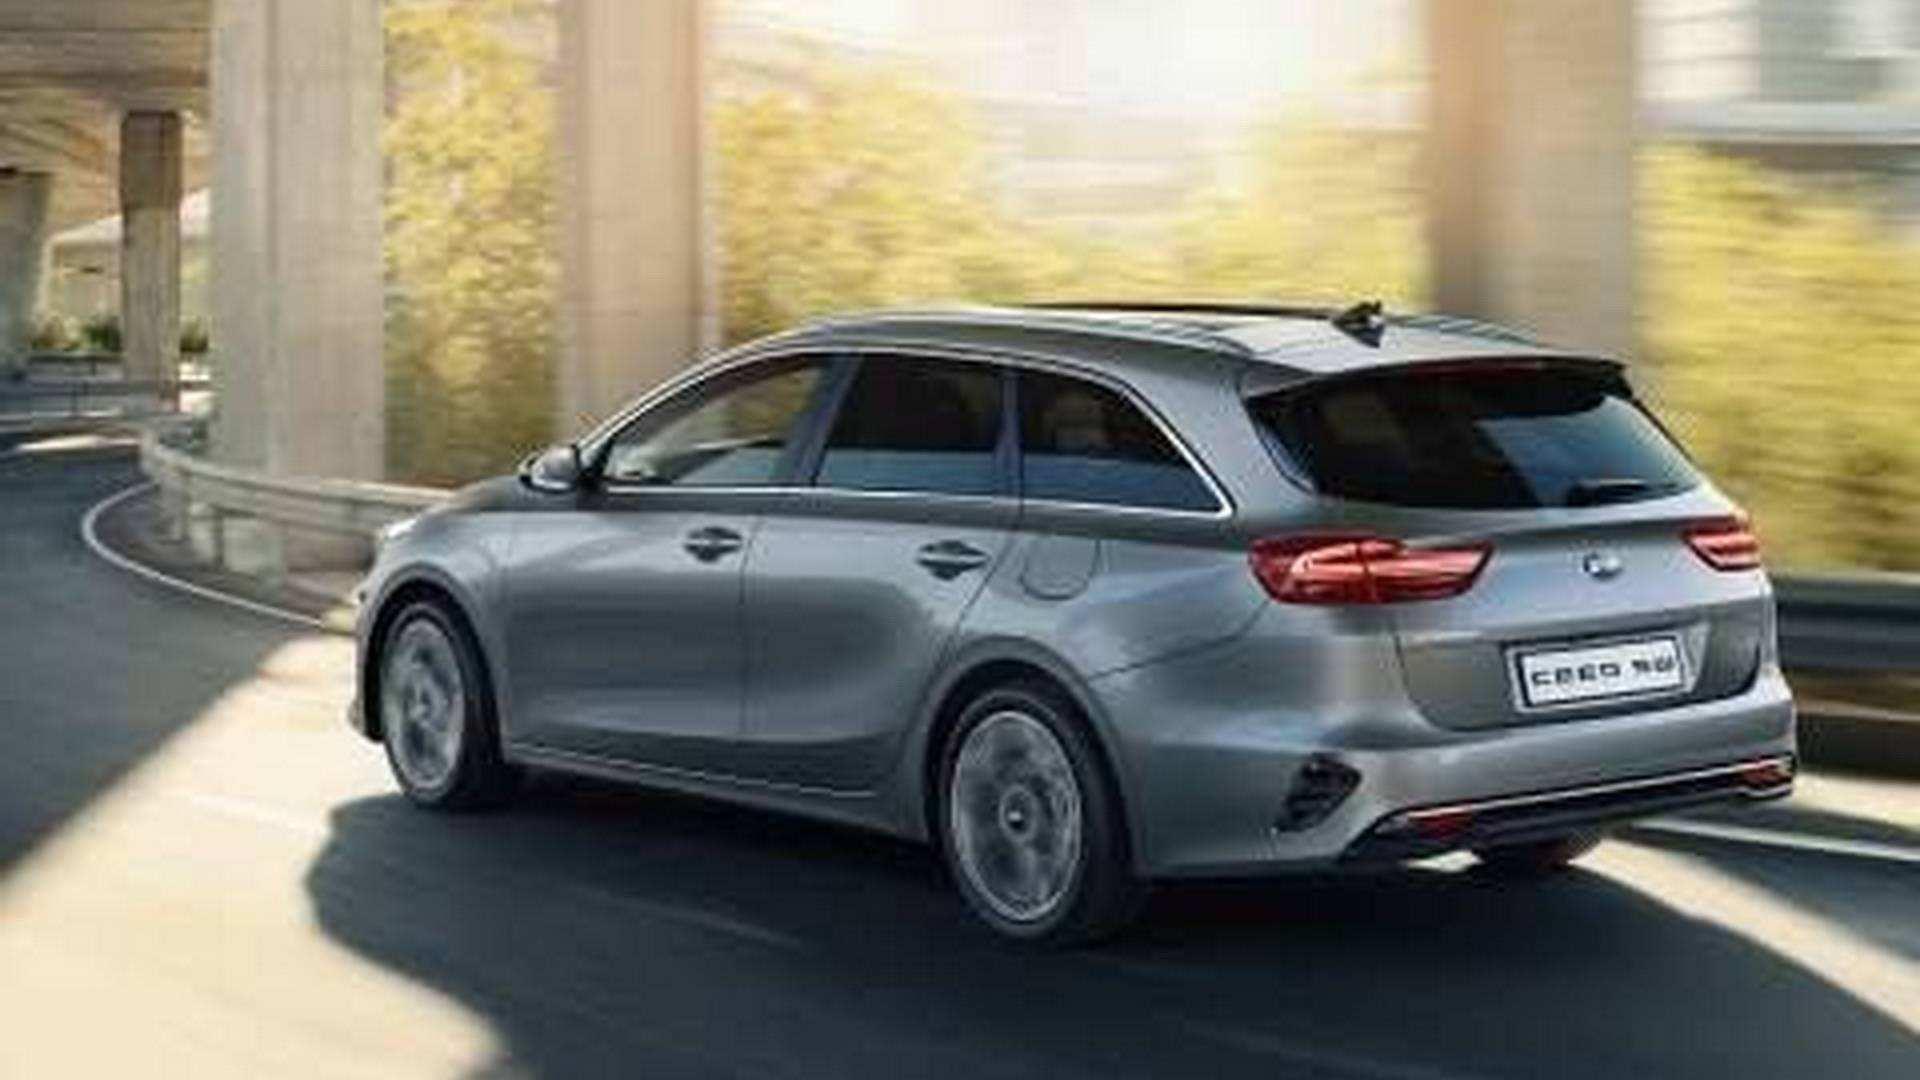 96 New Kia Ceed 2020 Interior with Kia Ceed 2020